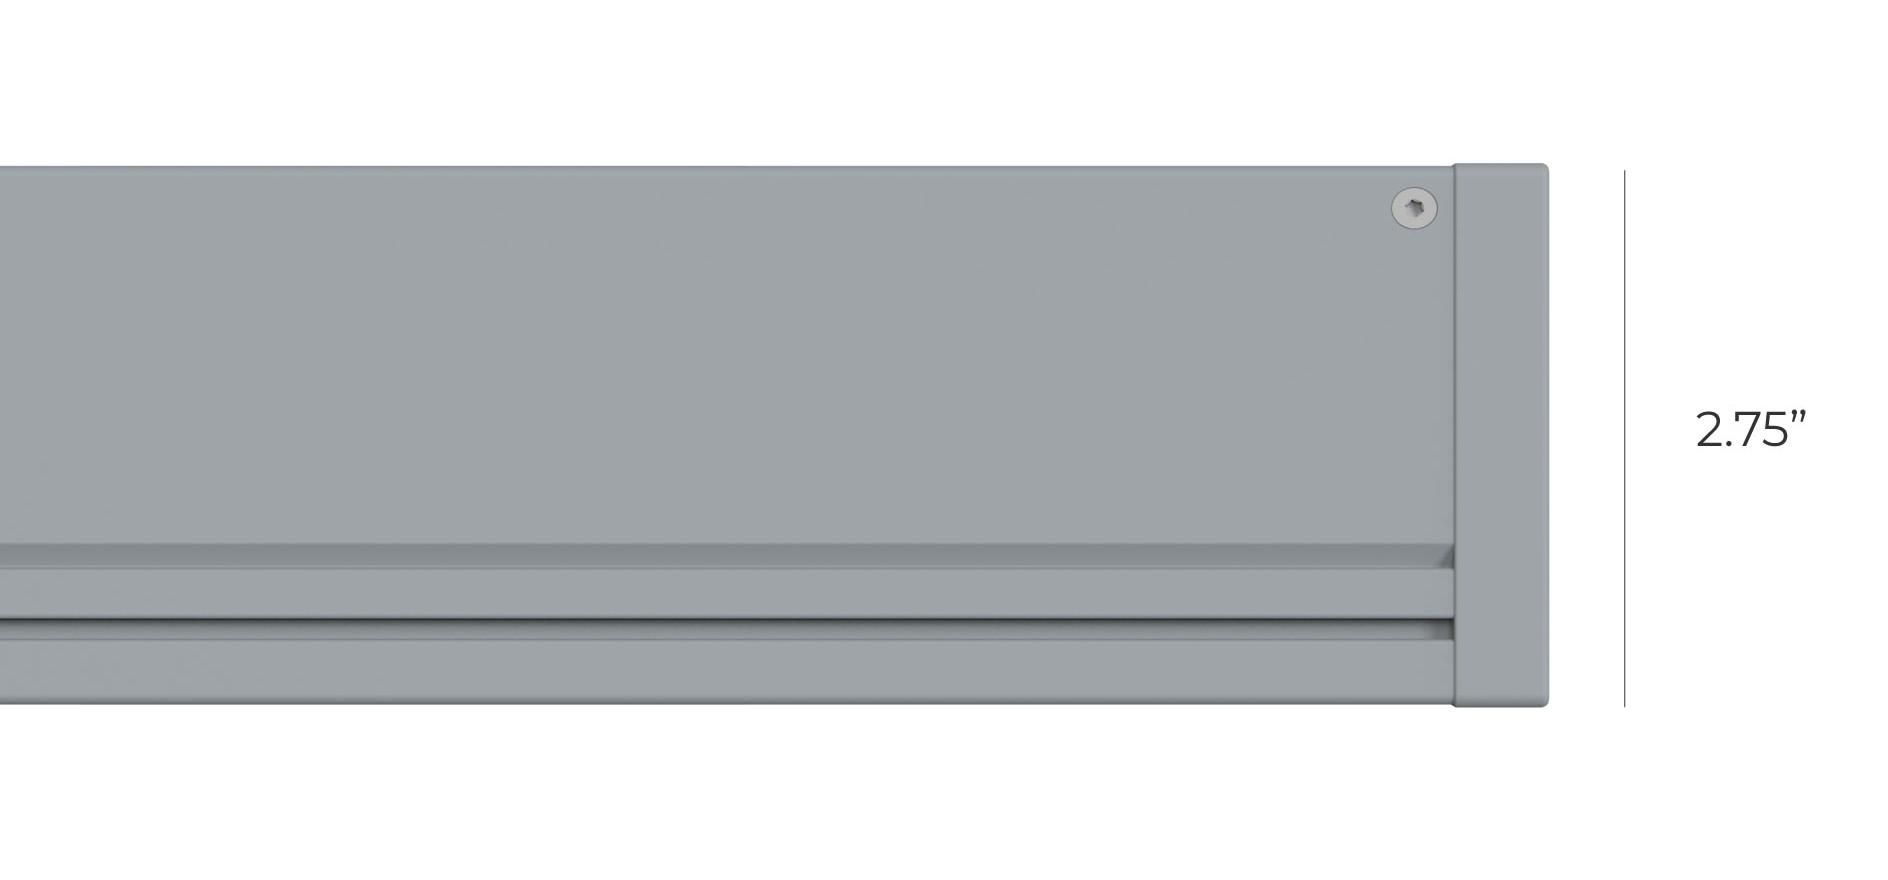 Nano Box Size Feature